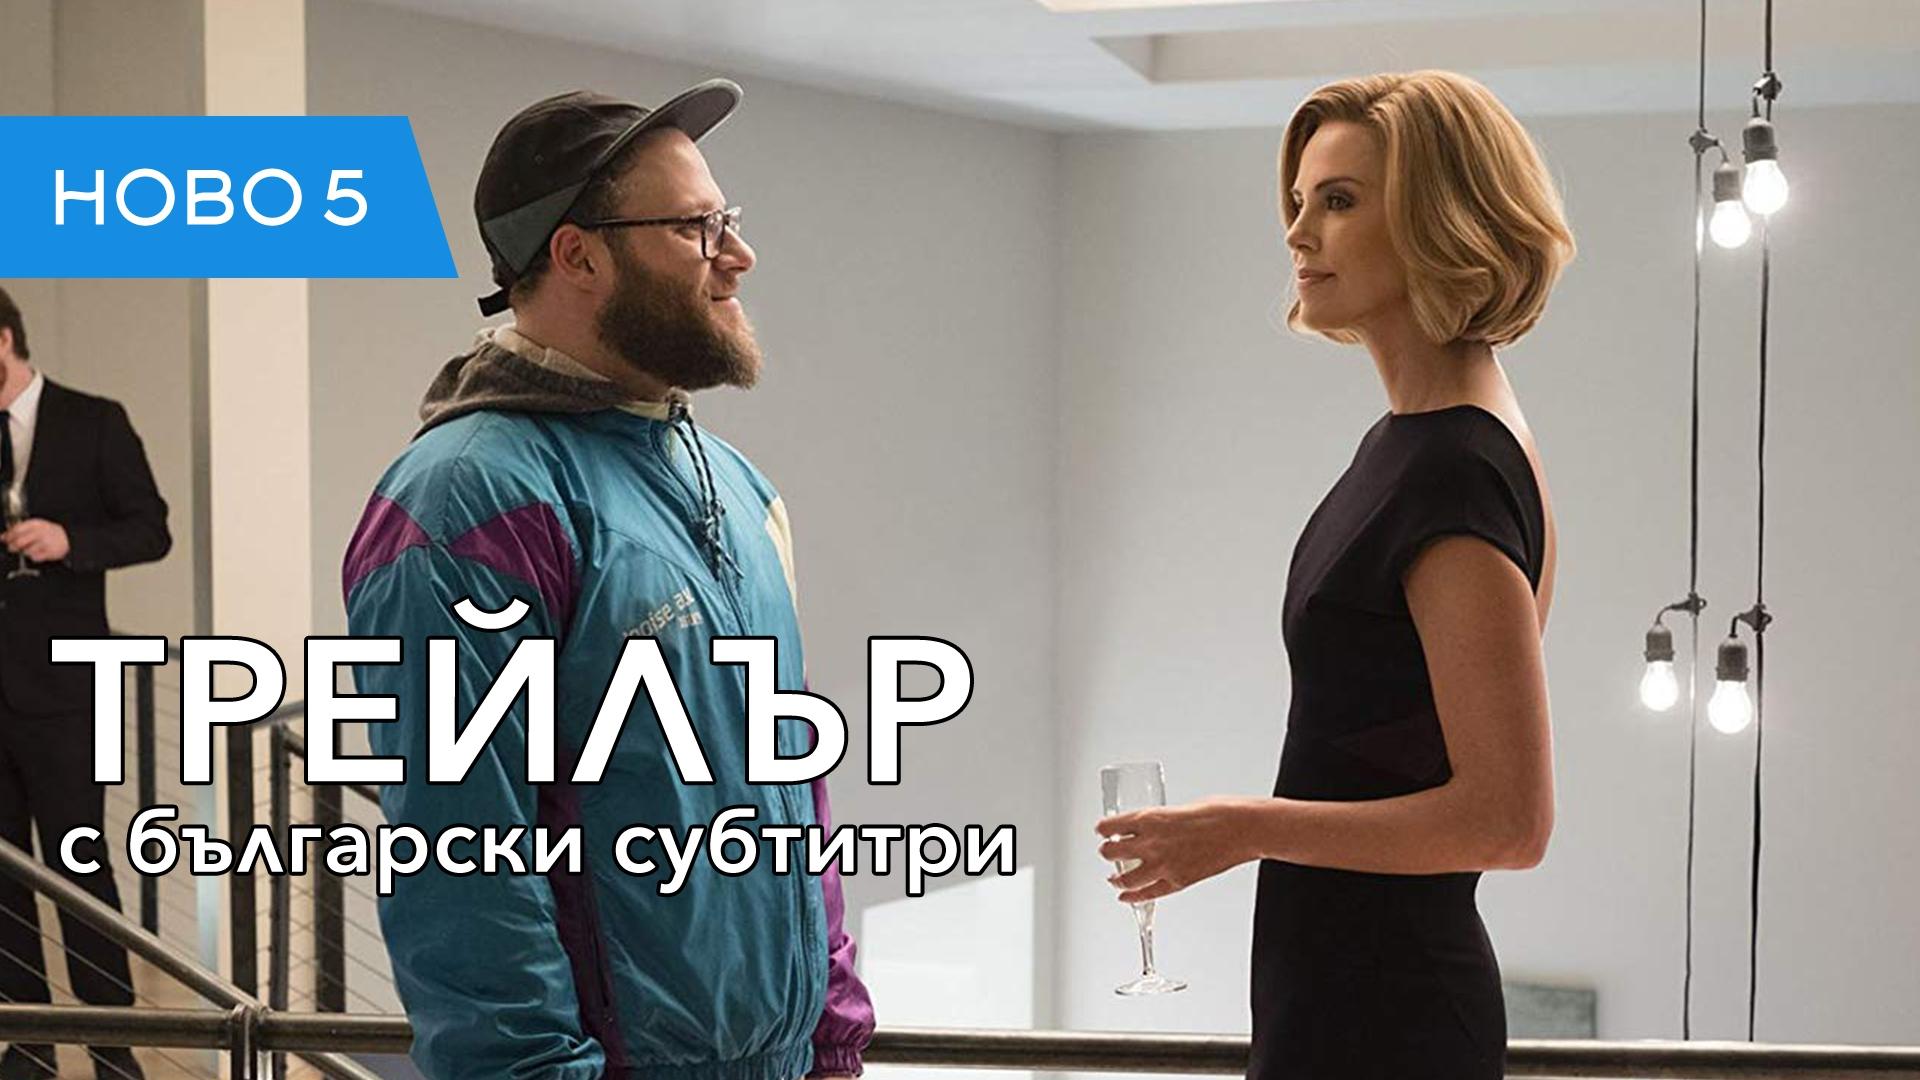 А дано, ама надали (2019) трейлър с български субтитри